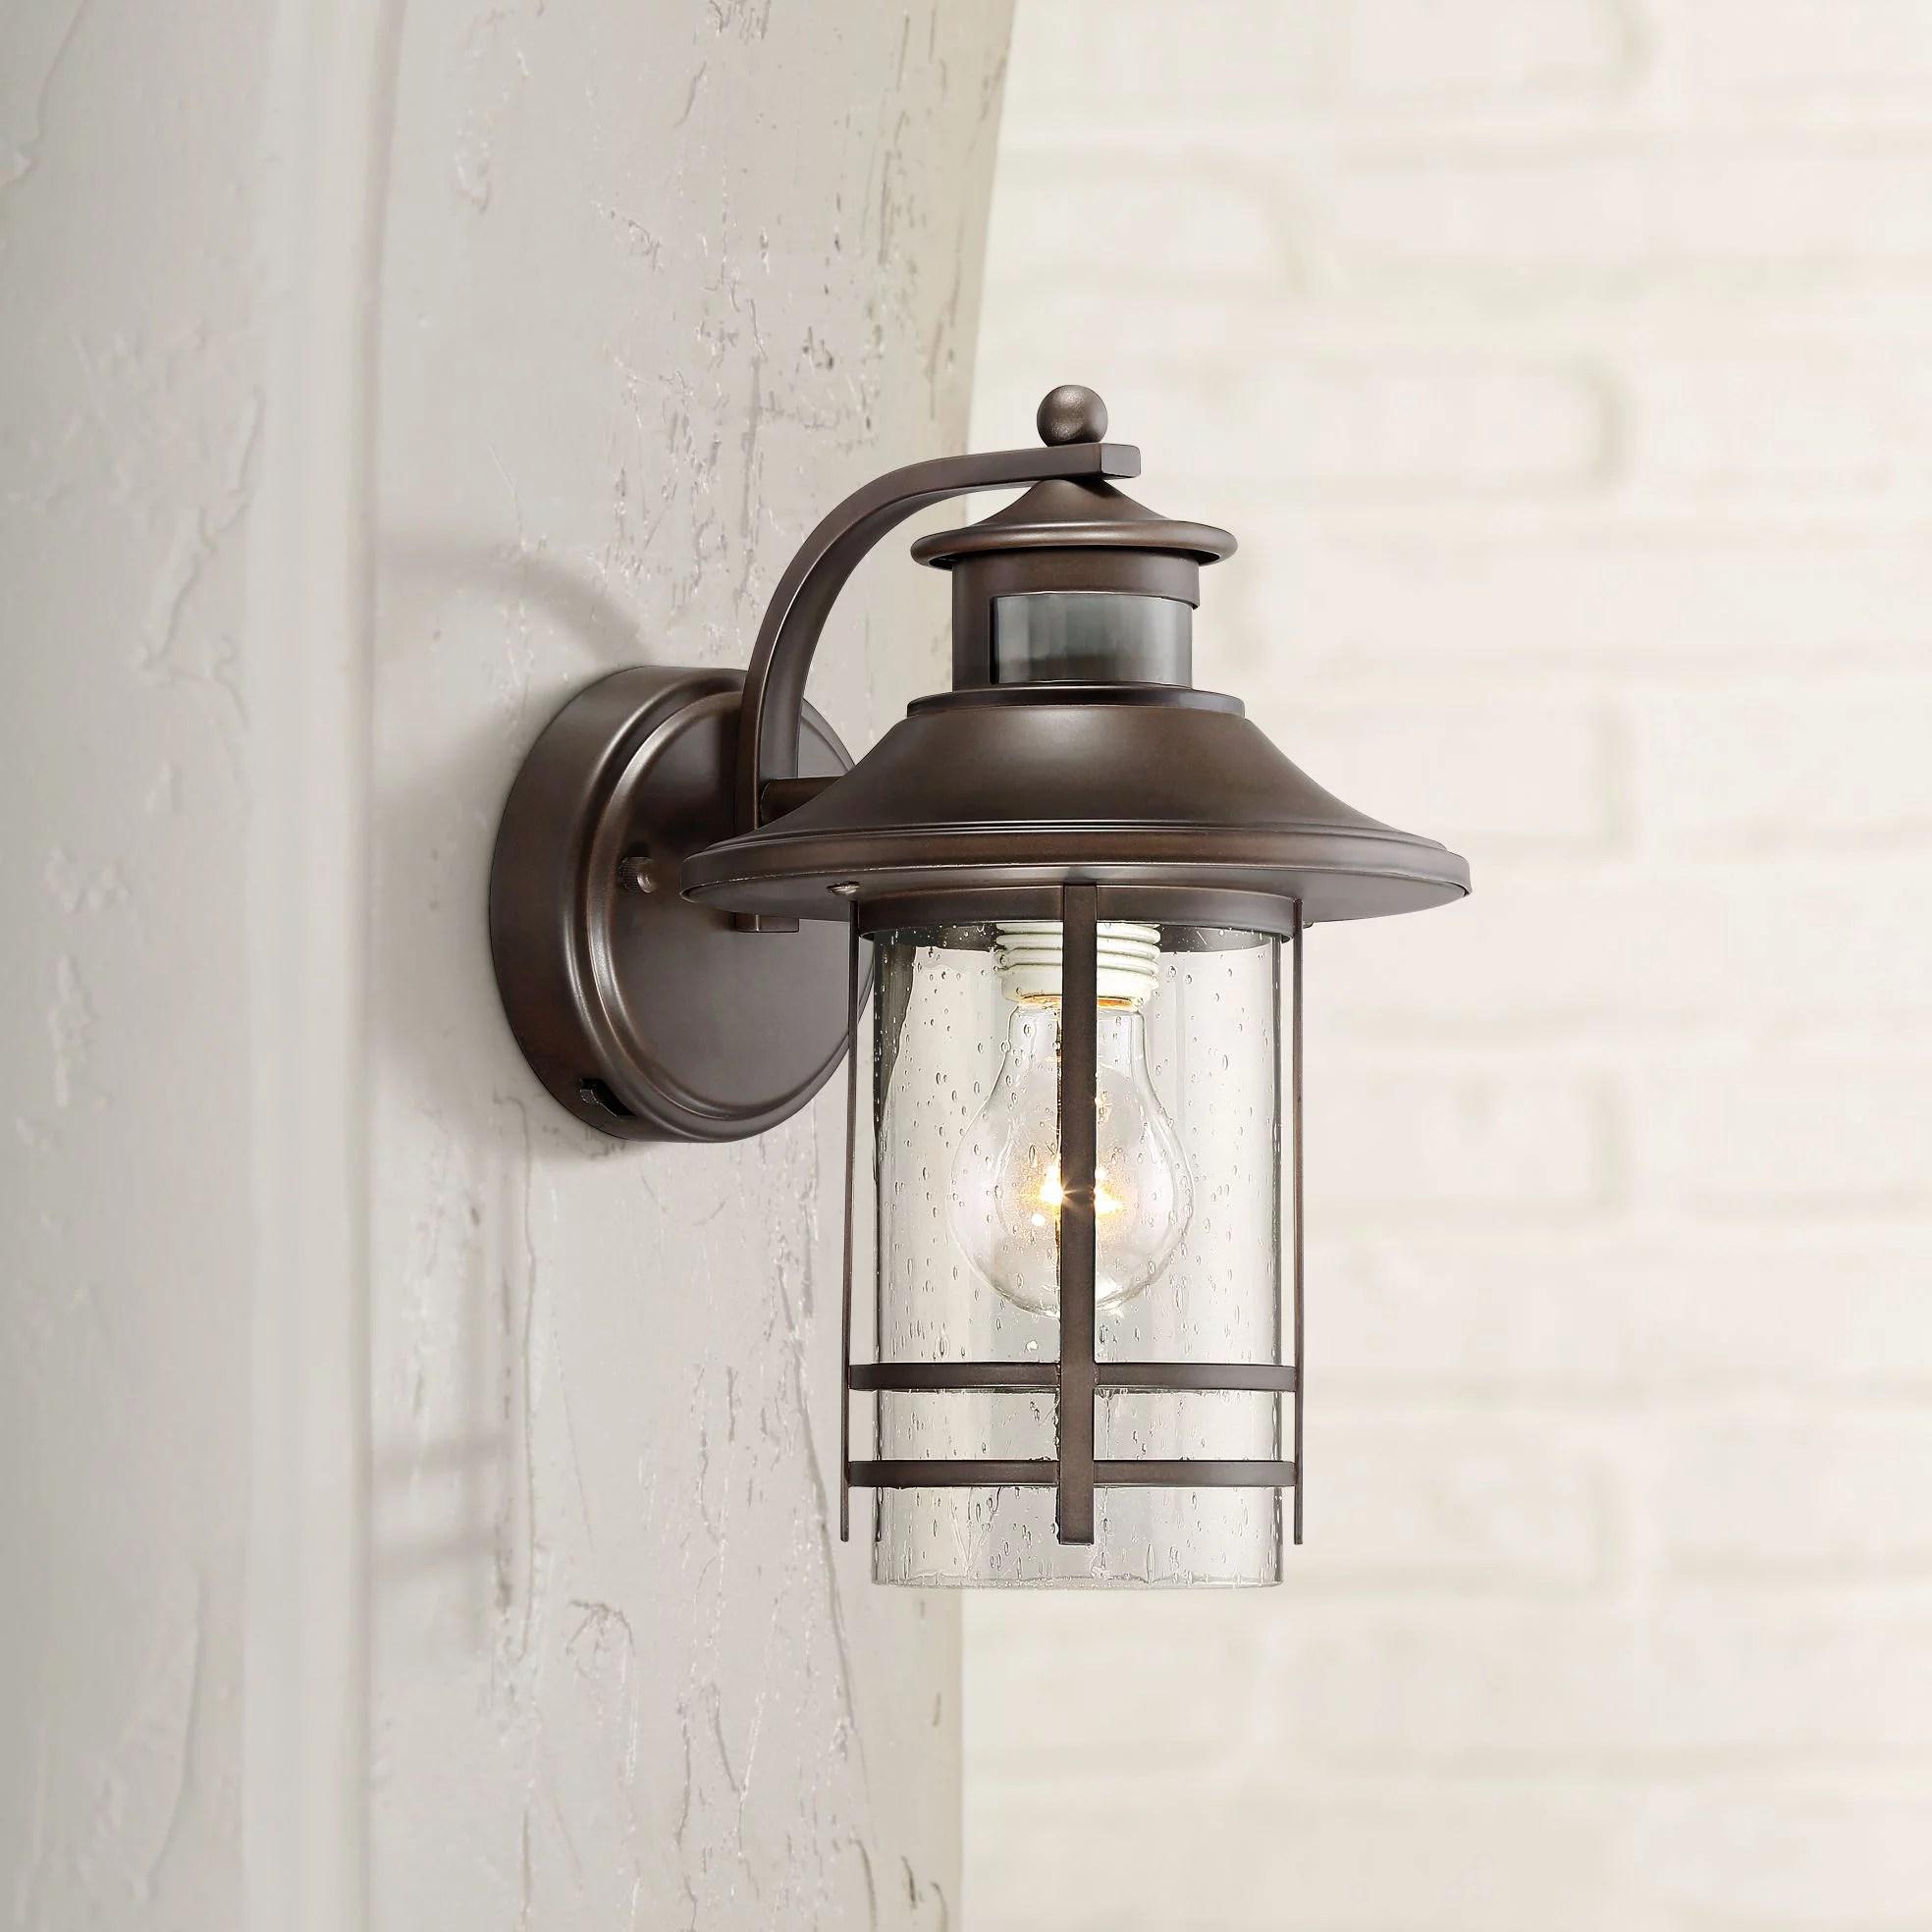 john timberland galt 11 1 4 high bronze motion sensor outdoor wall light